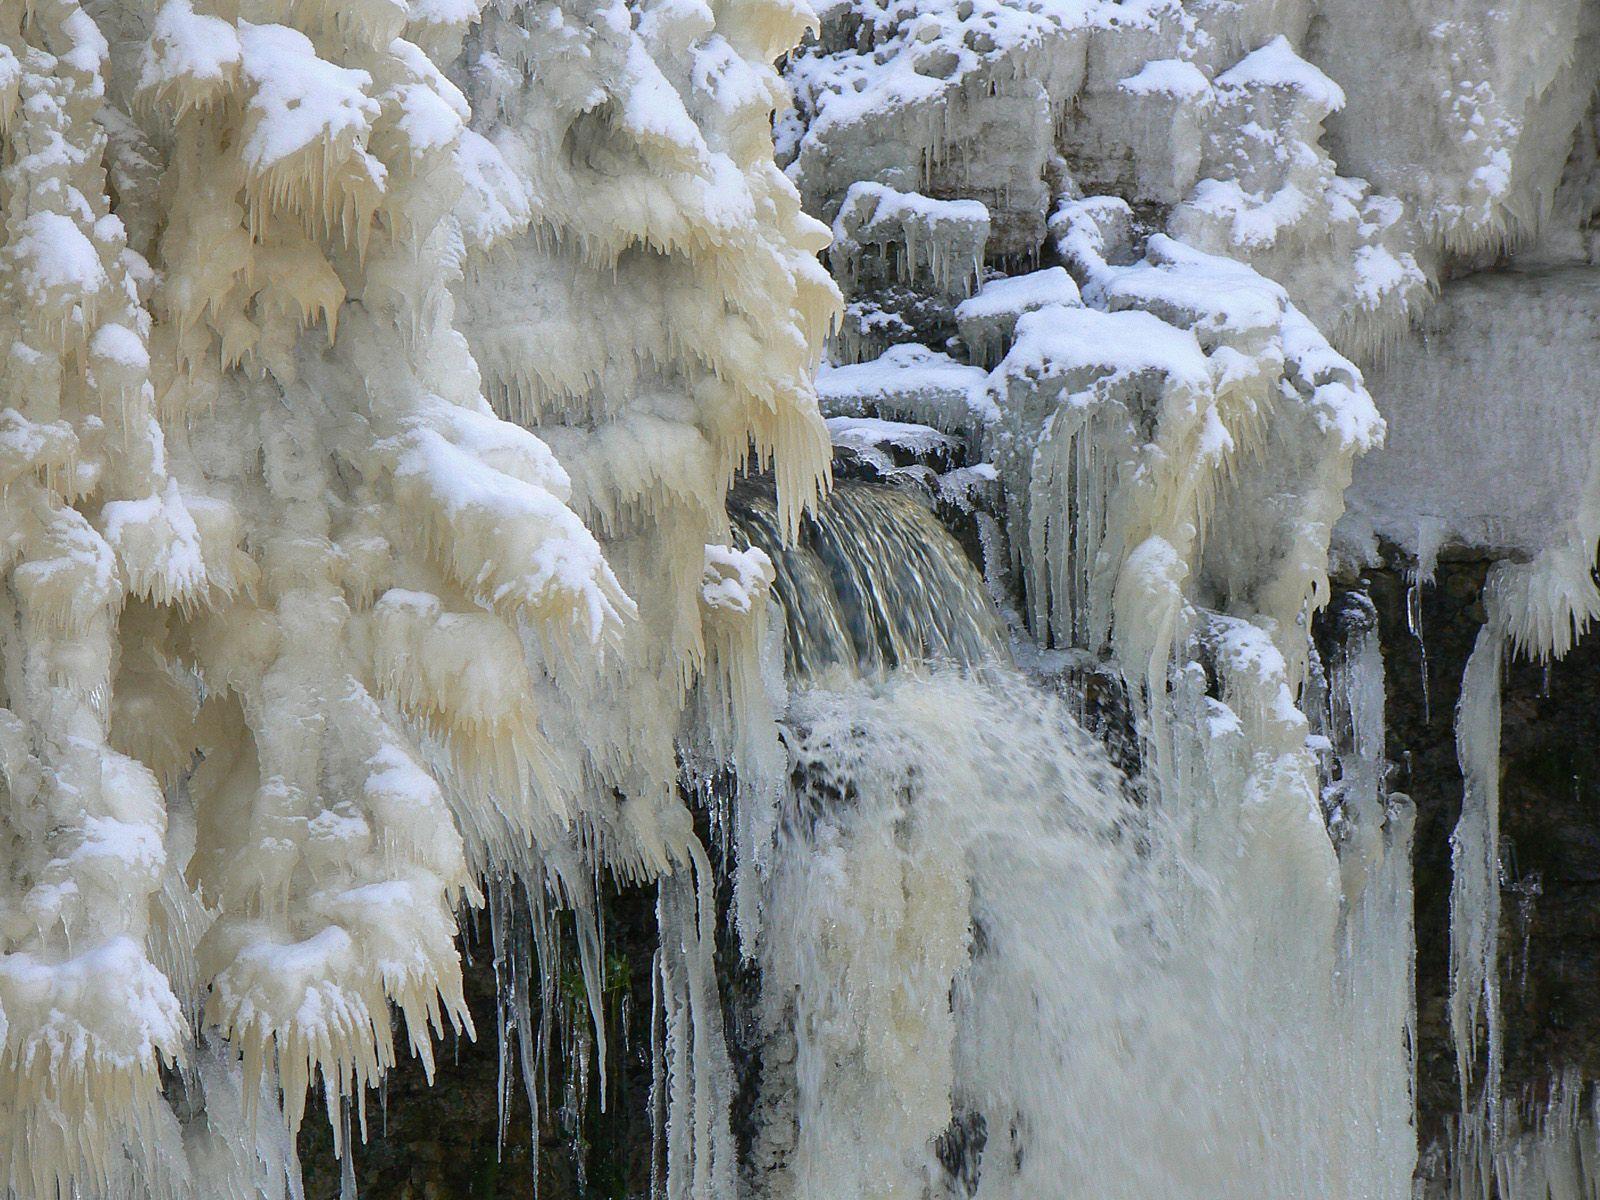 Водопад Валасте вблизи